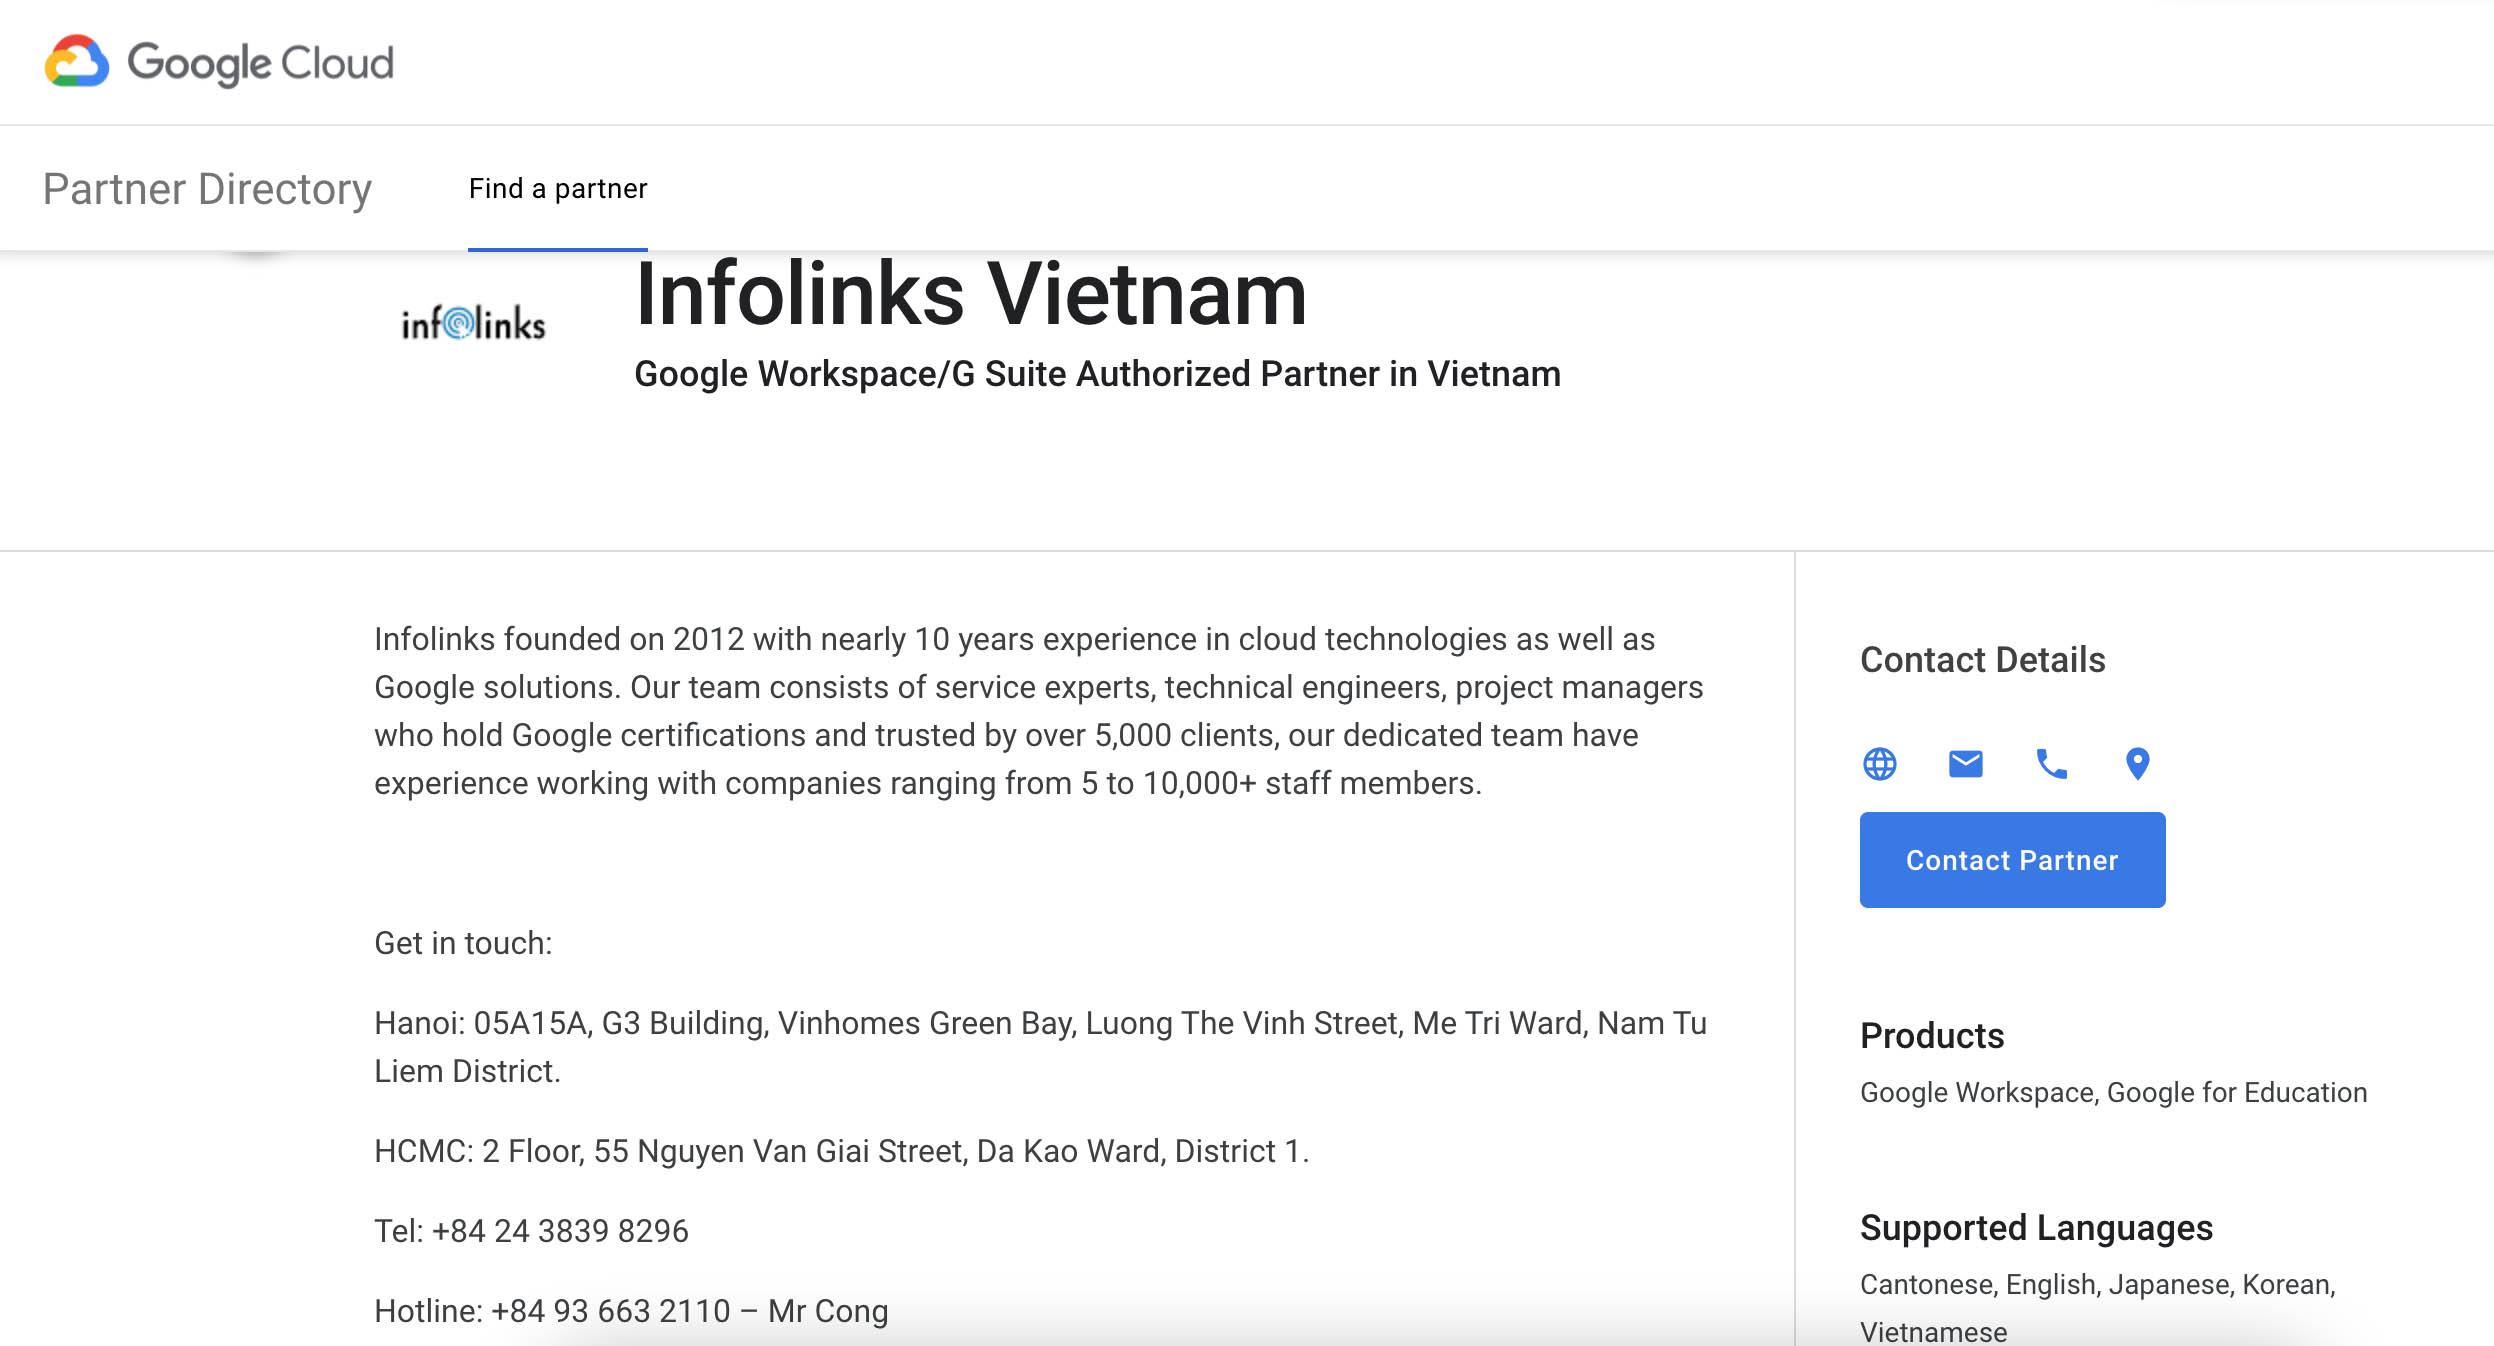 Tại sao nên đăng ký dịch vụ Google Workspace thông qua đối tác